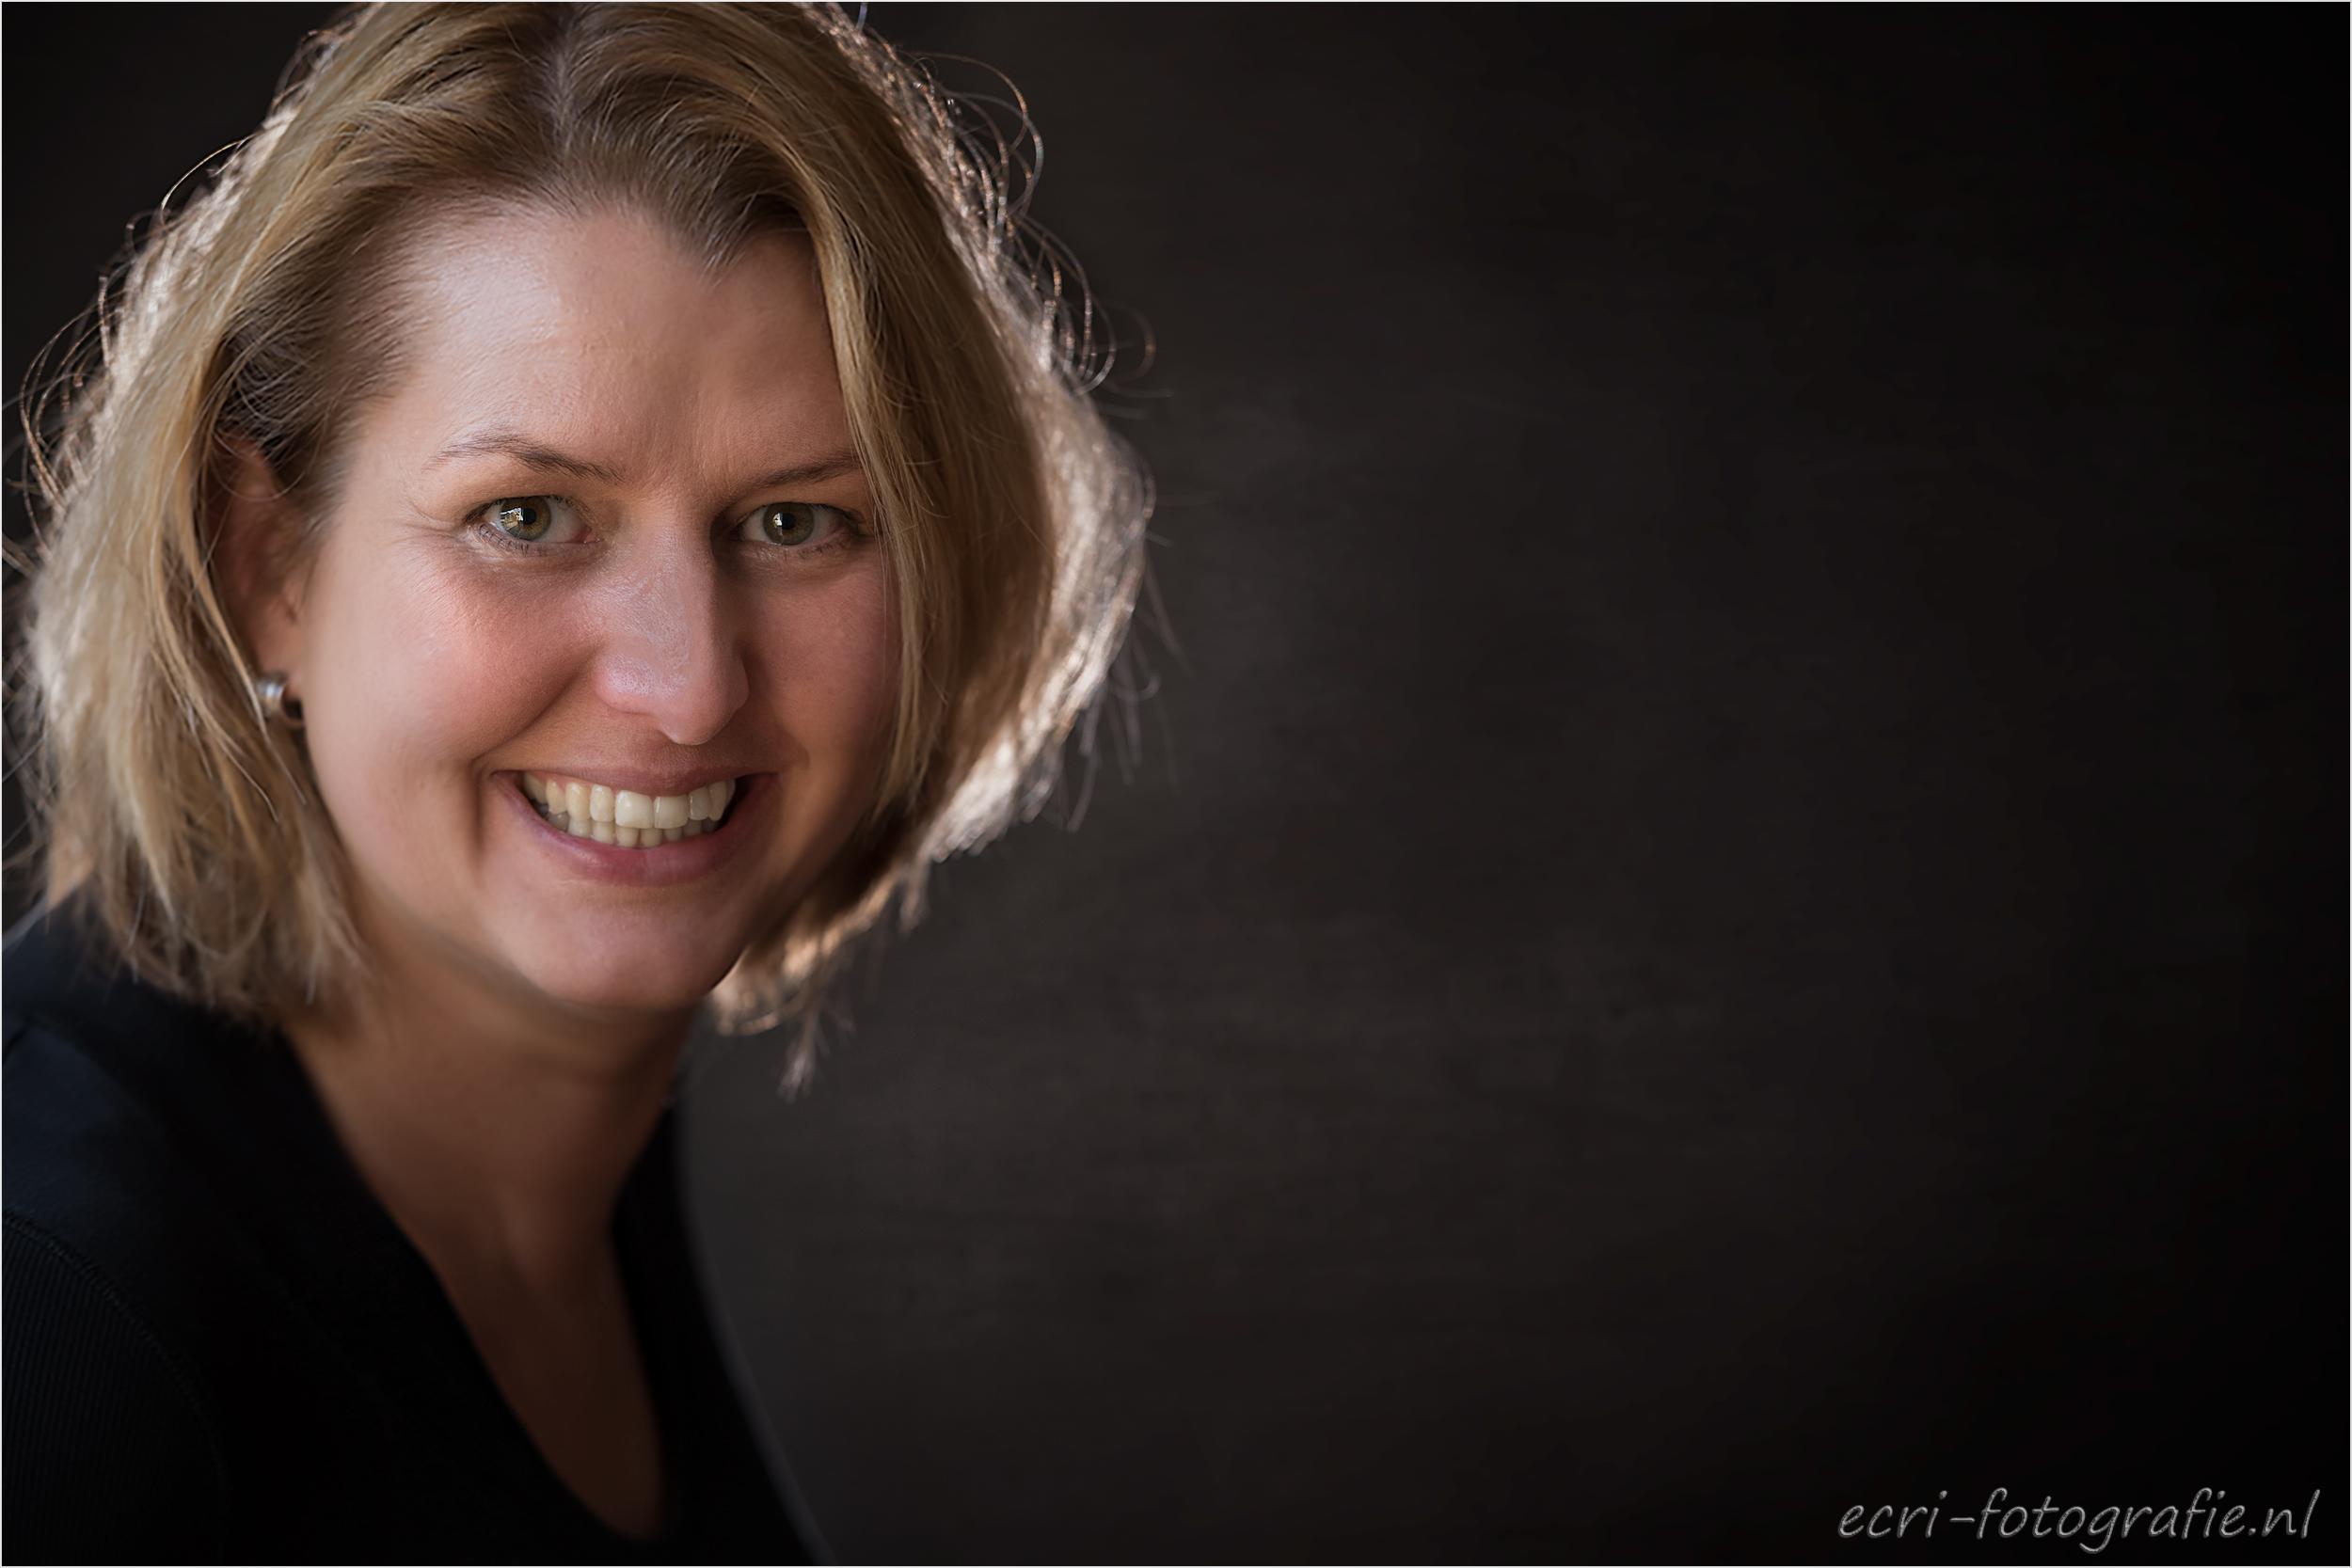 headshot, zakelijk portret, Rabobank, ecri-fotografie, Eric de Jonge